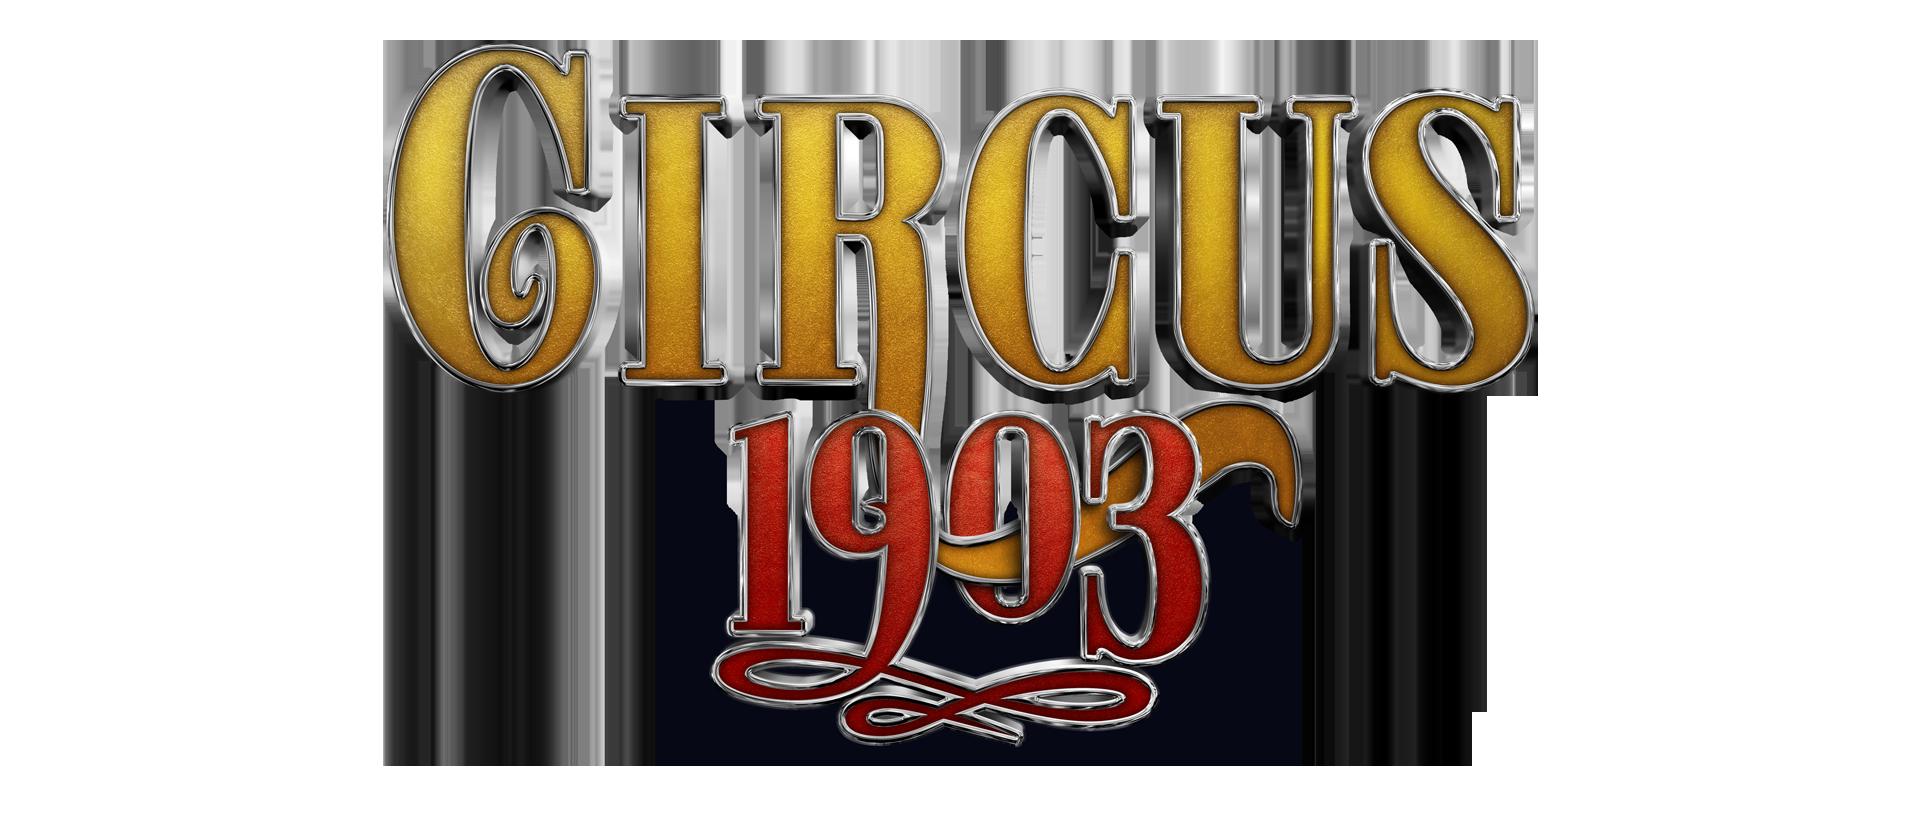 Circus 1903 Branding Agency In Los Angeles